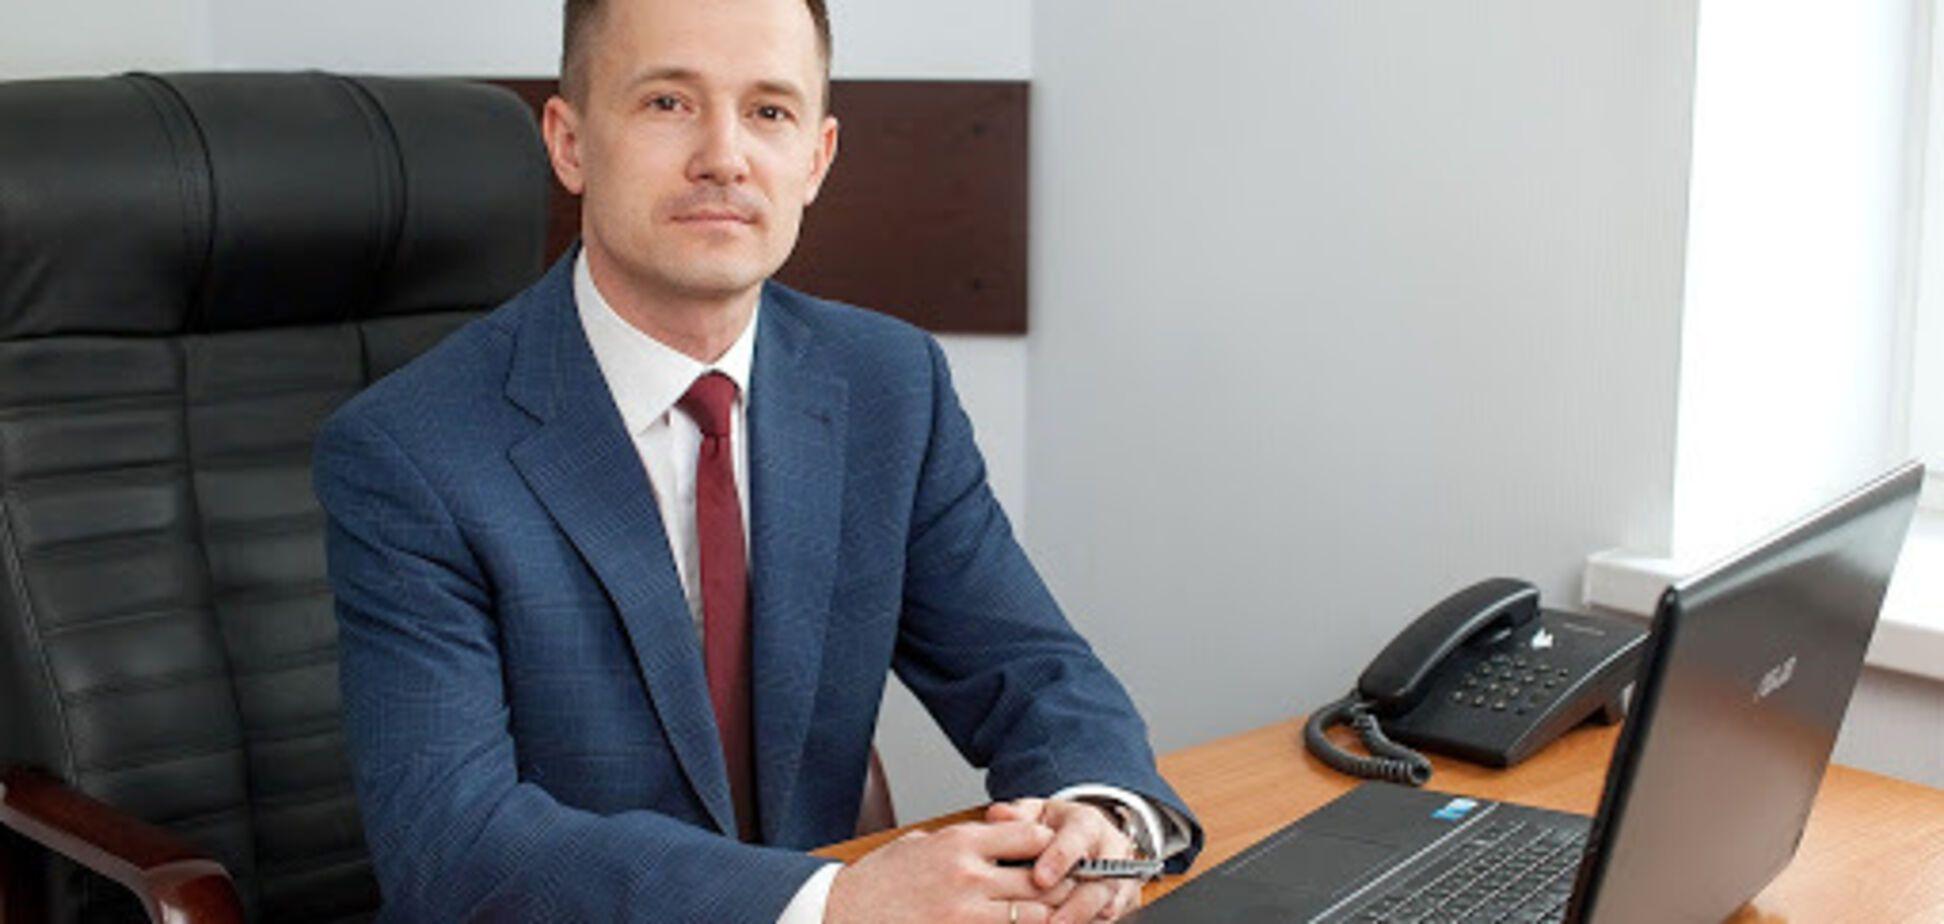 ДТЕК лобіює кандидатуру Ущаповського в члени НКРЕКП